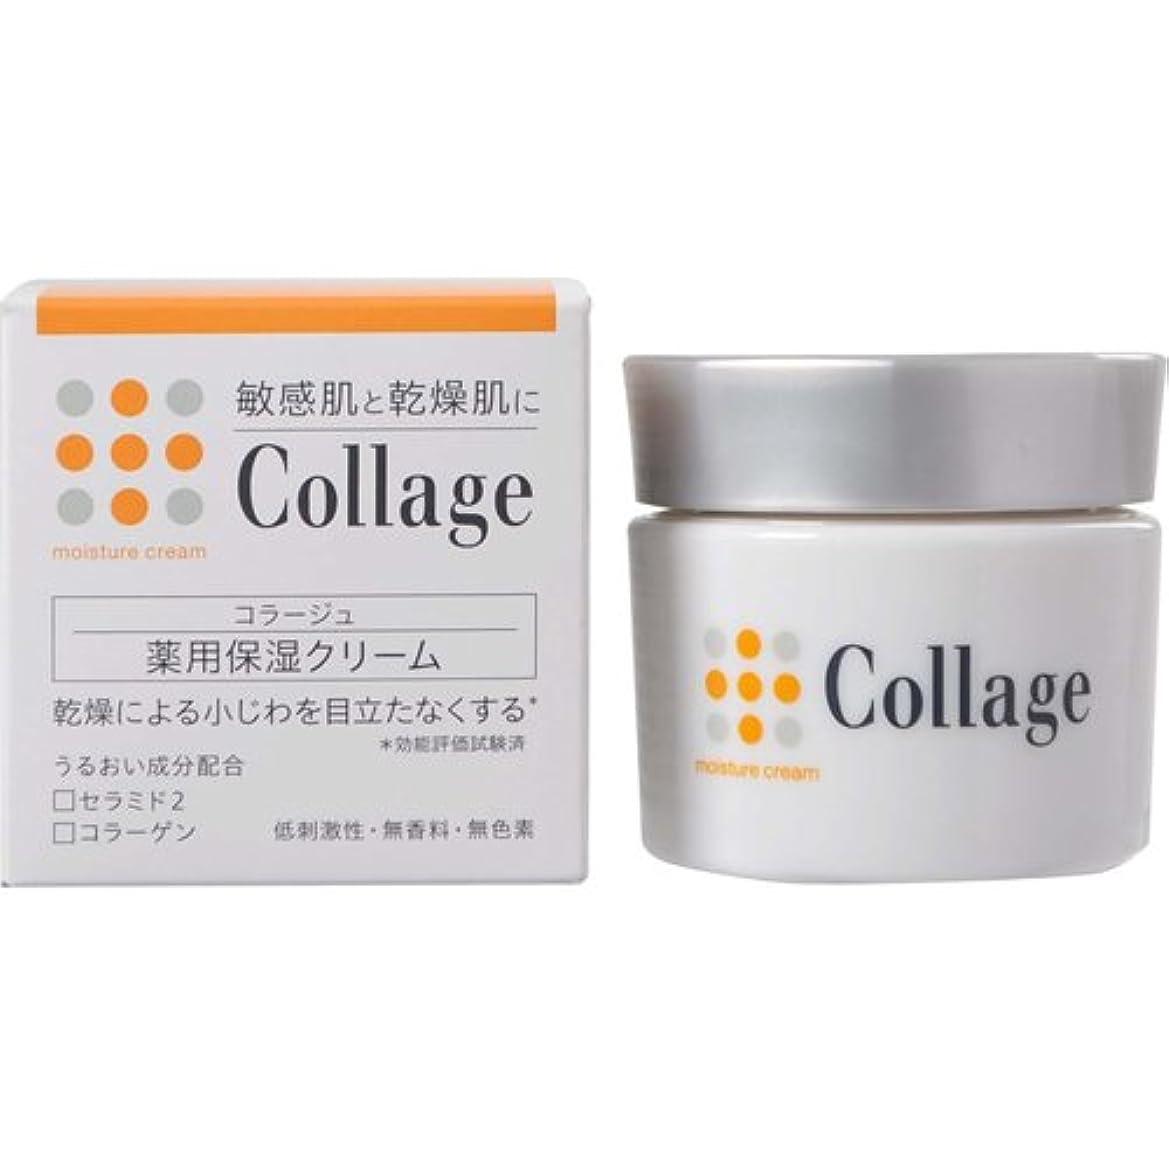 モスコメントうなり声コラージュ 薬用保湿クリーム 30g 【医薬部外品】